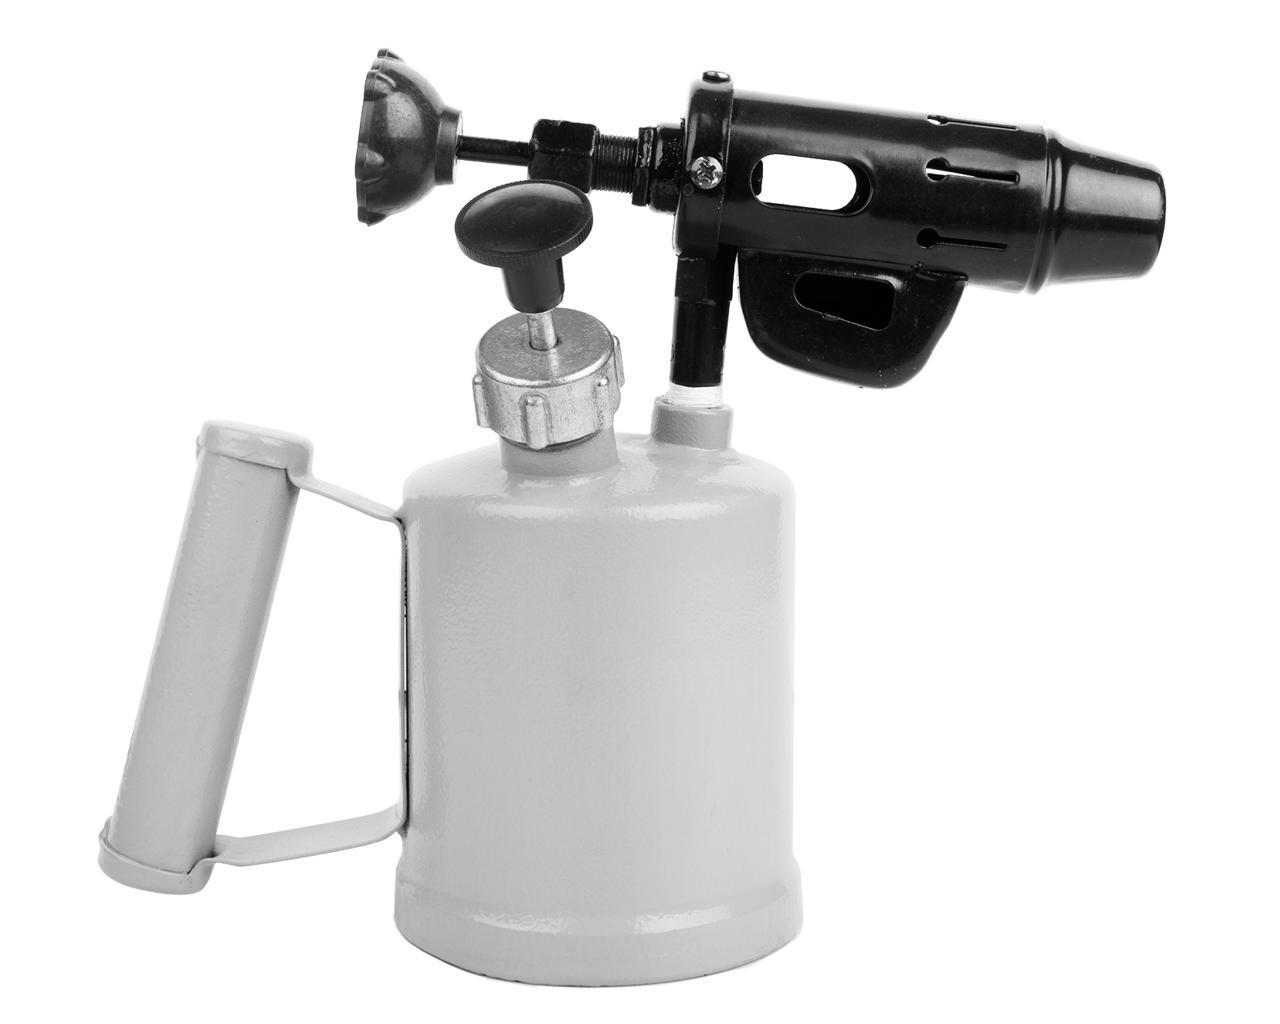 Паяльная лампа Россия 0,5 л упаковка полиэтилен